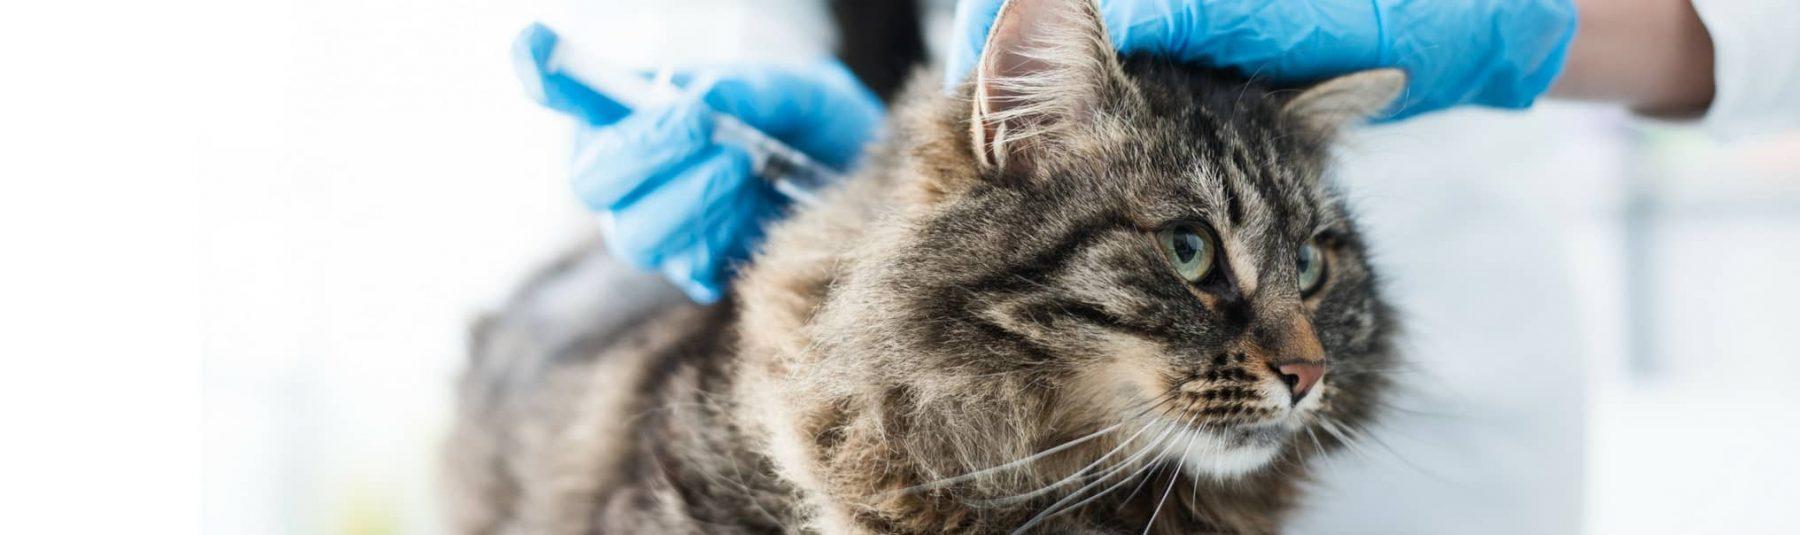 Service-cat-vaccines